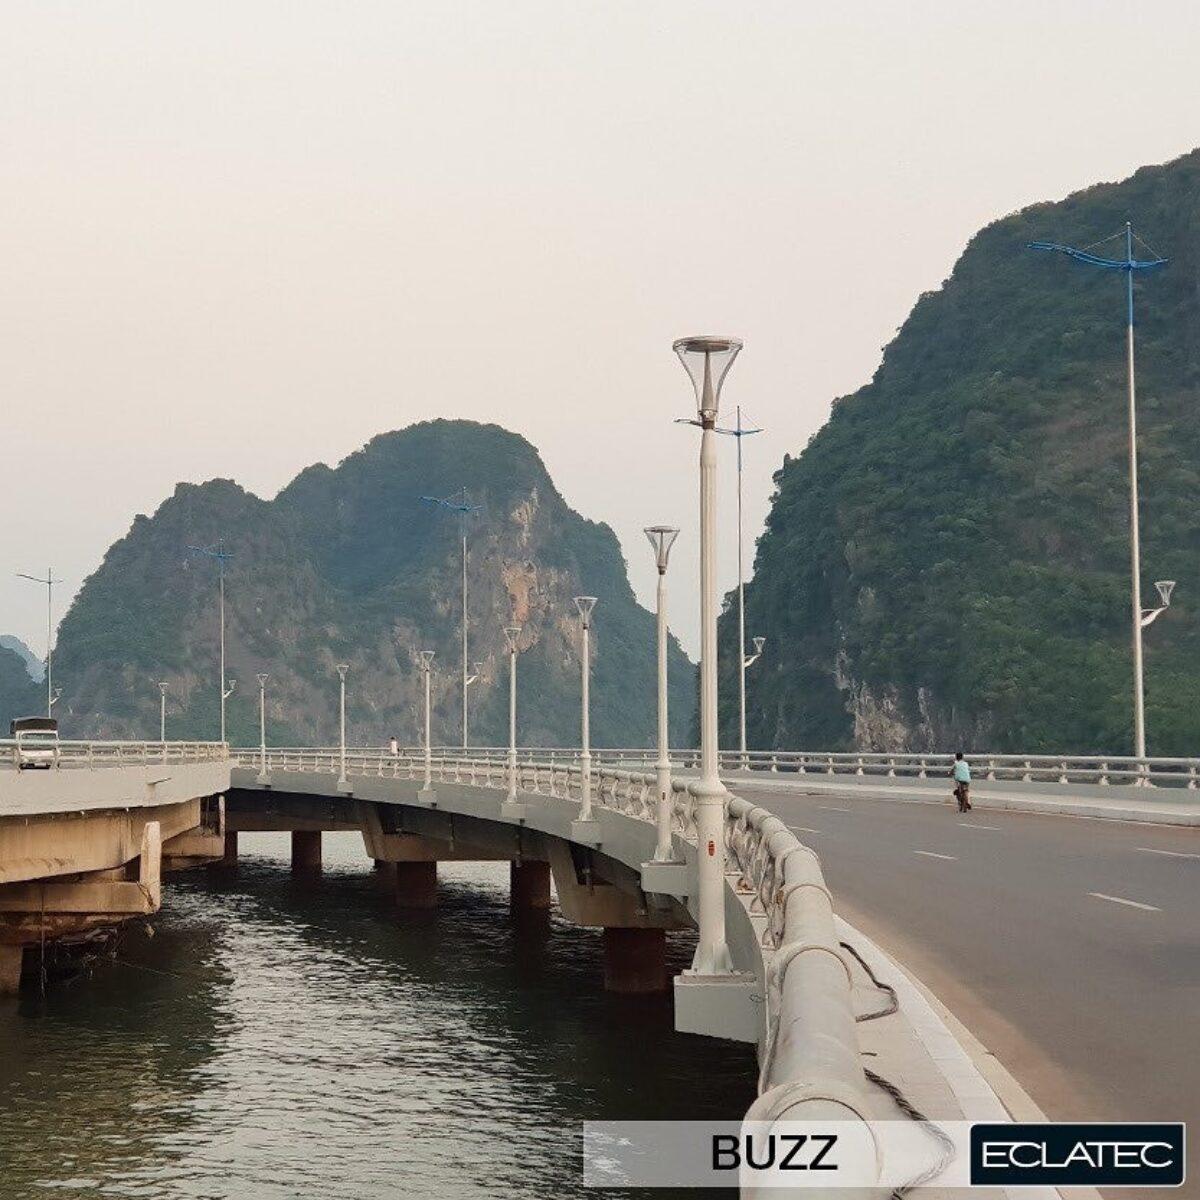 Buzz 3 Vietnam